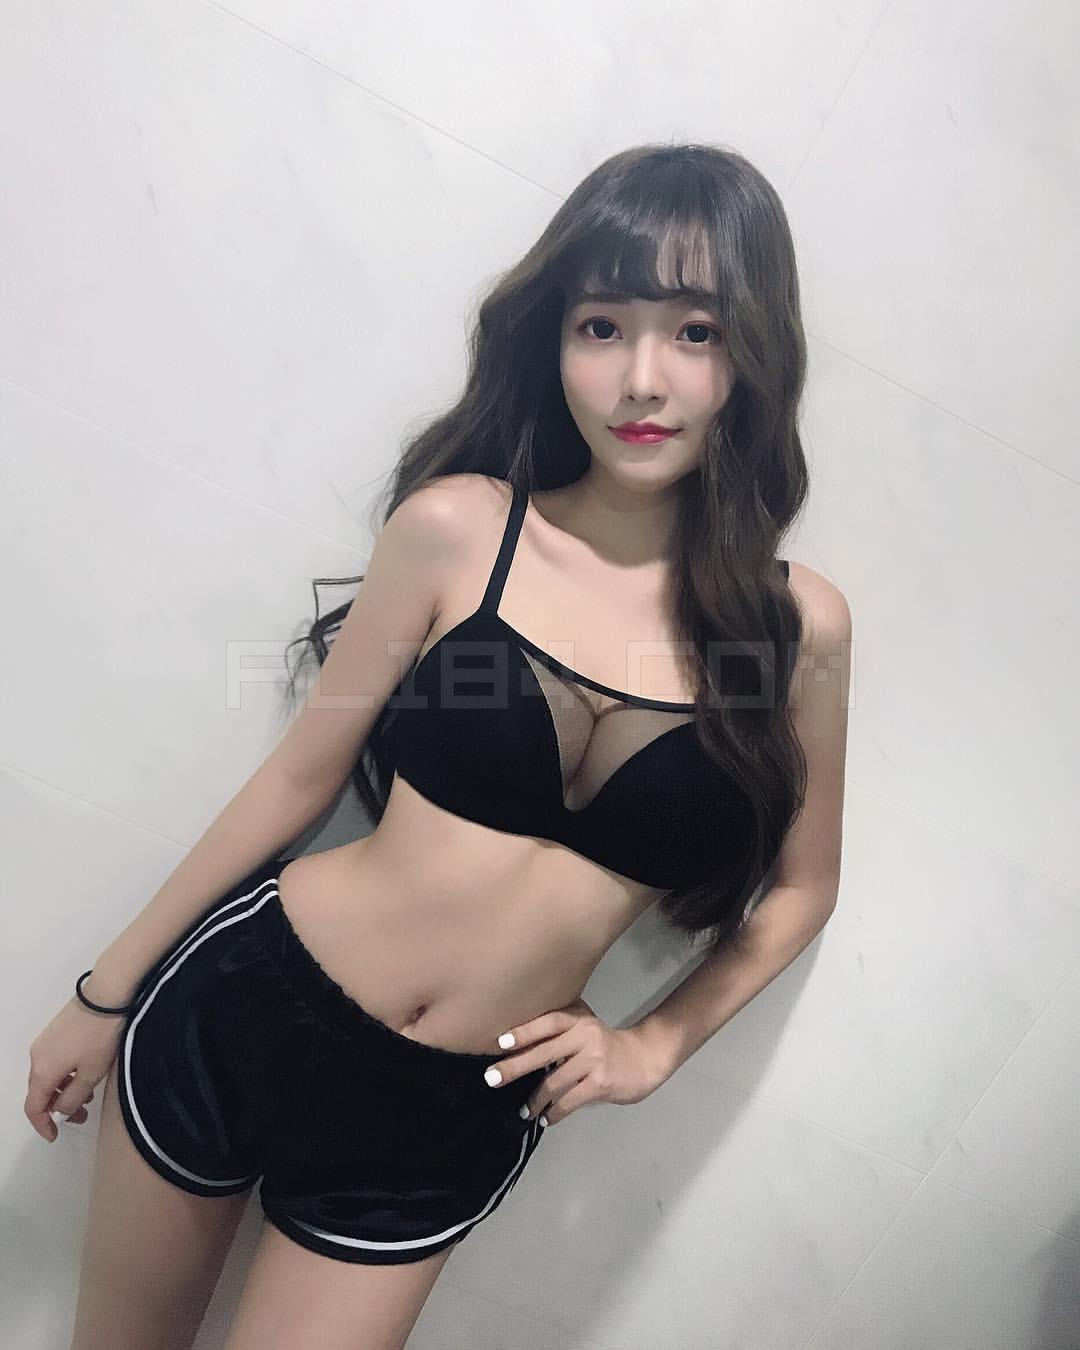 爆乳阳光美少女Bebe火辣性感曲线